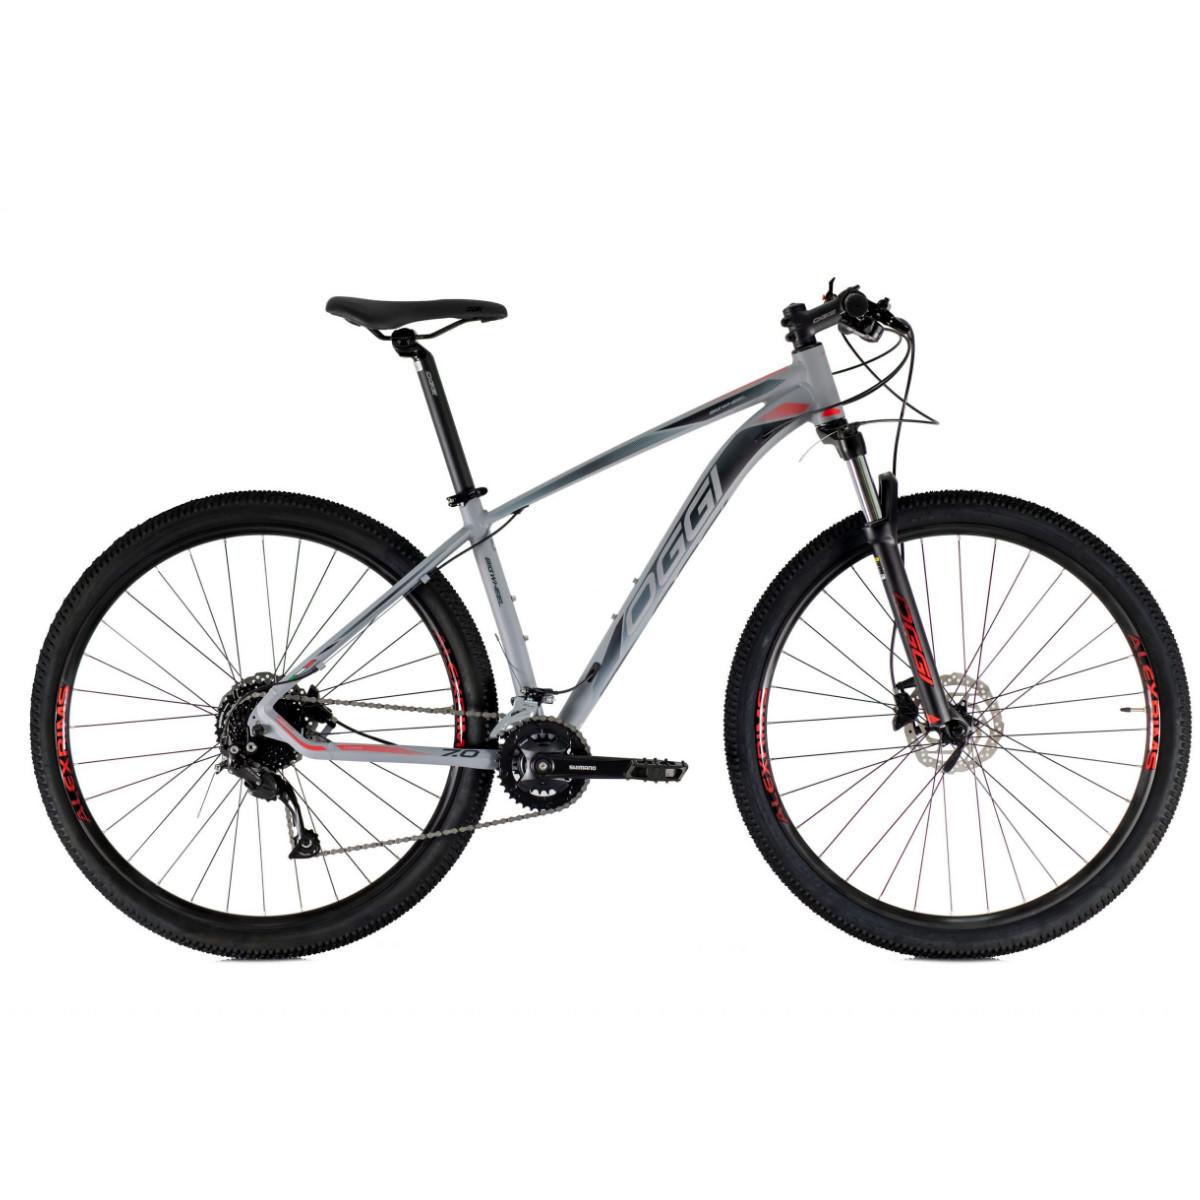 Oggi 7.0 Mountain Bike Aro 29 2021 -  Grafite Preto E Vermelho